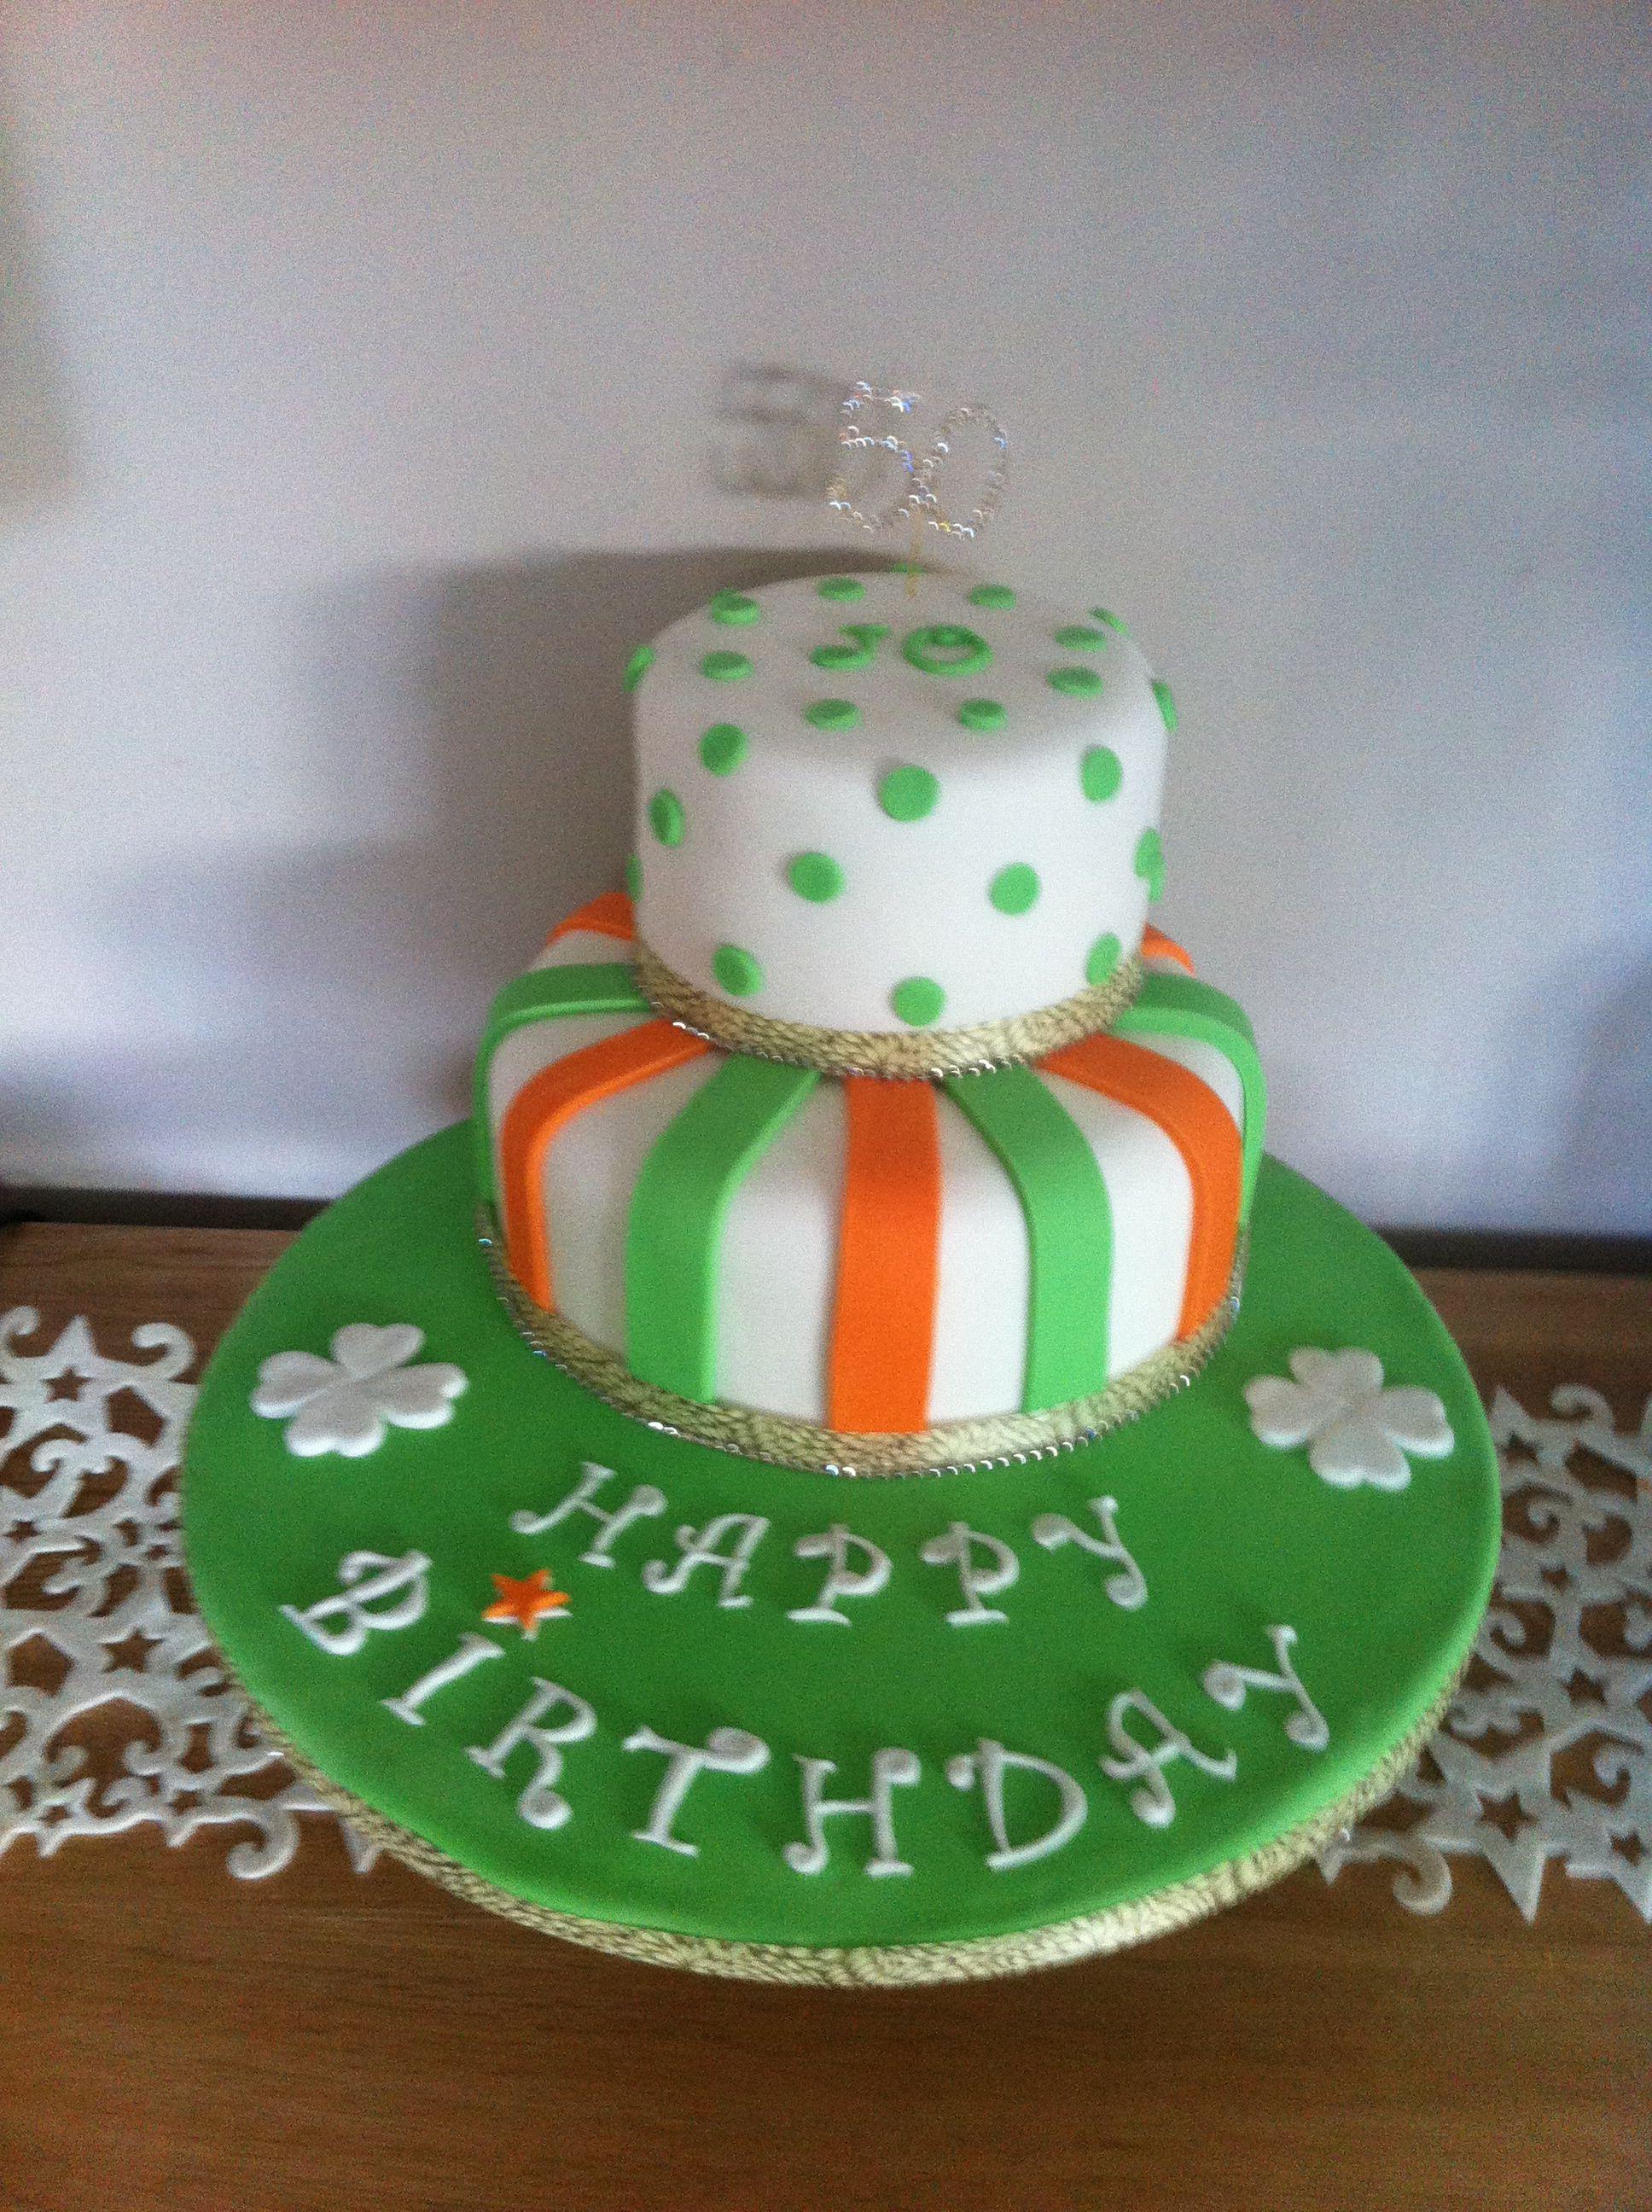 Awe Inspiring Irish Themed 50Th Birthday Cake With Images Themed Birthday Personalised Birthday Cards Veneteletsinfo